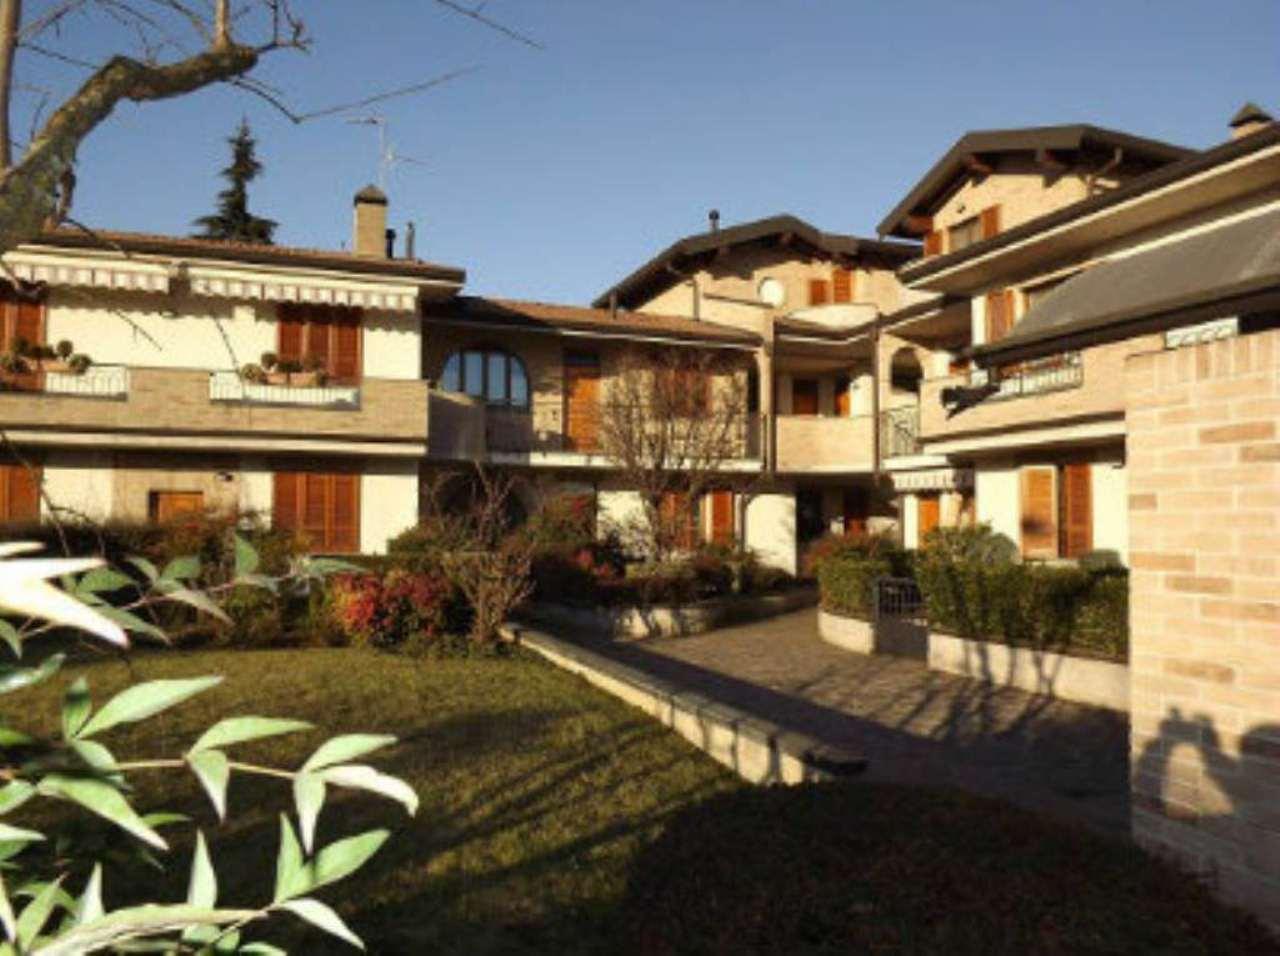 Appartamento in vendita a Casirate d'Adda, 2 locali, prezzo € 115.000 | Cambio Casa.it